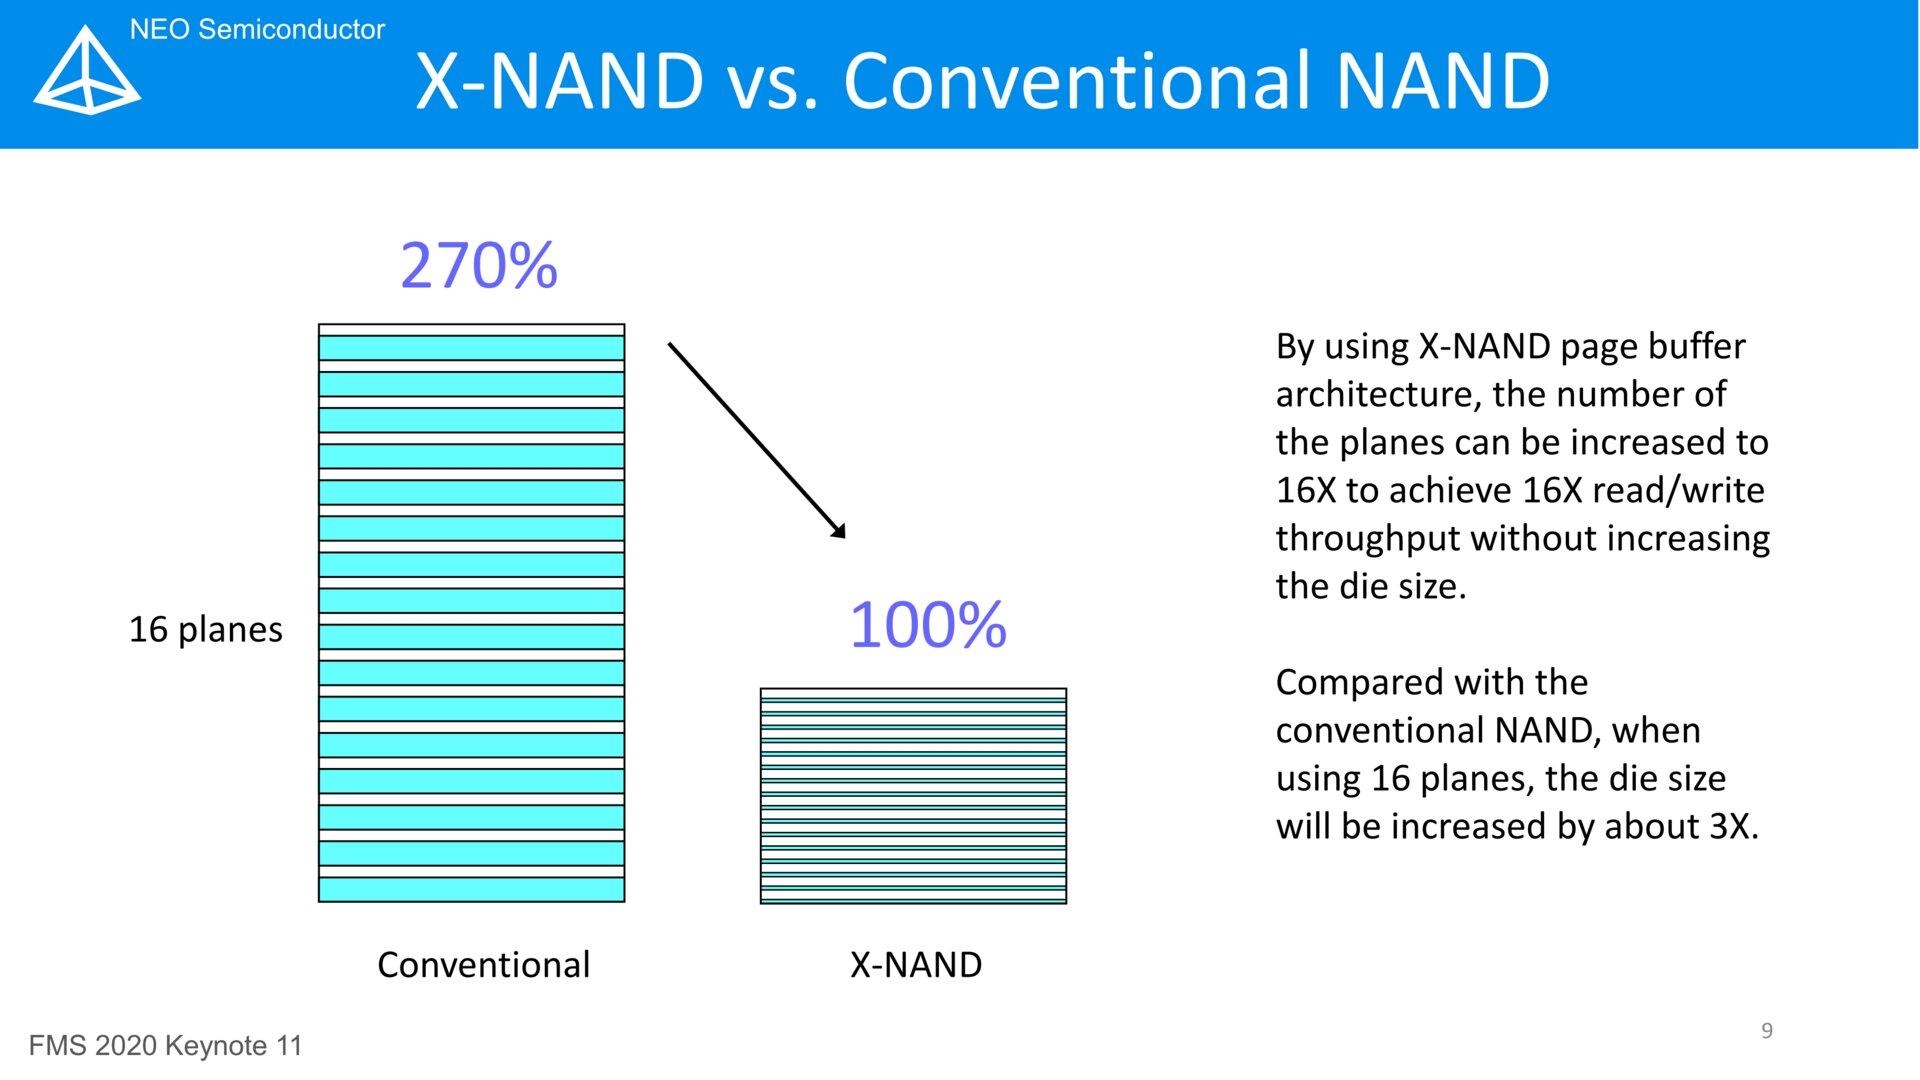 X-NAND mit 16 Planes deutlich kleiner